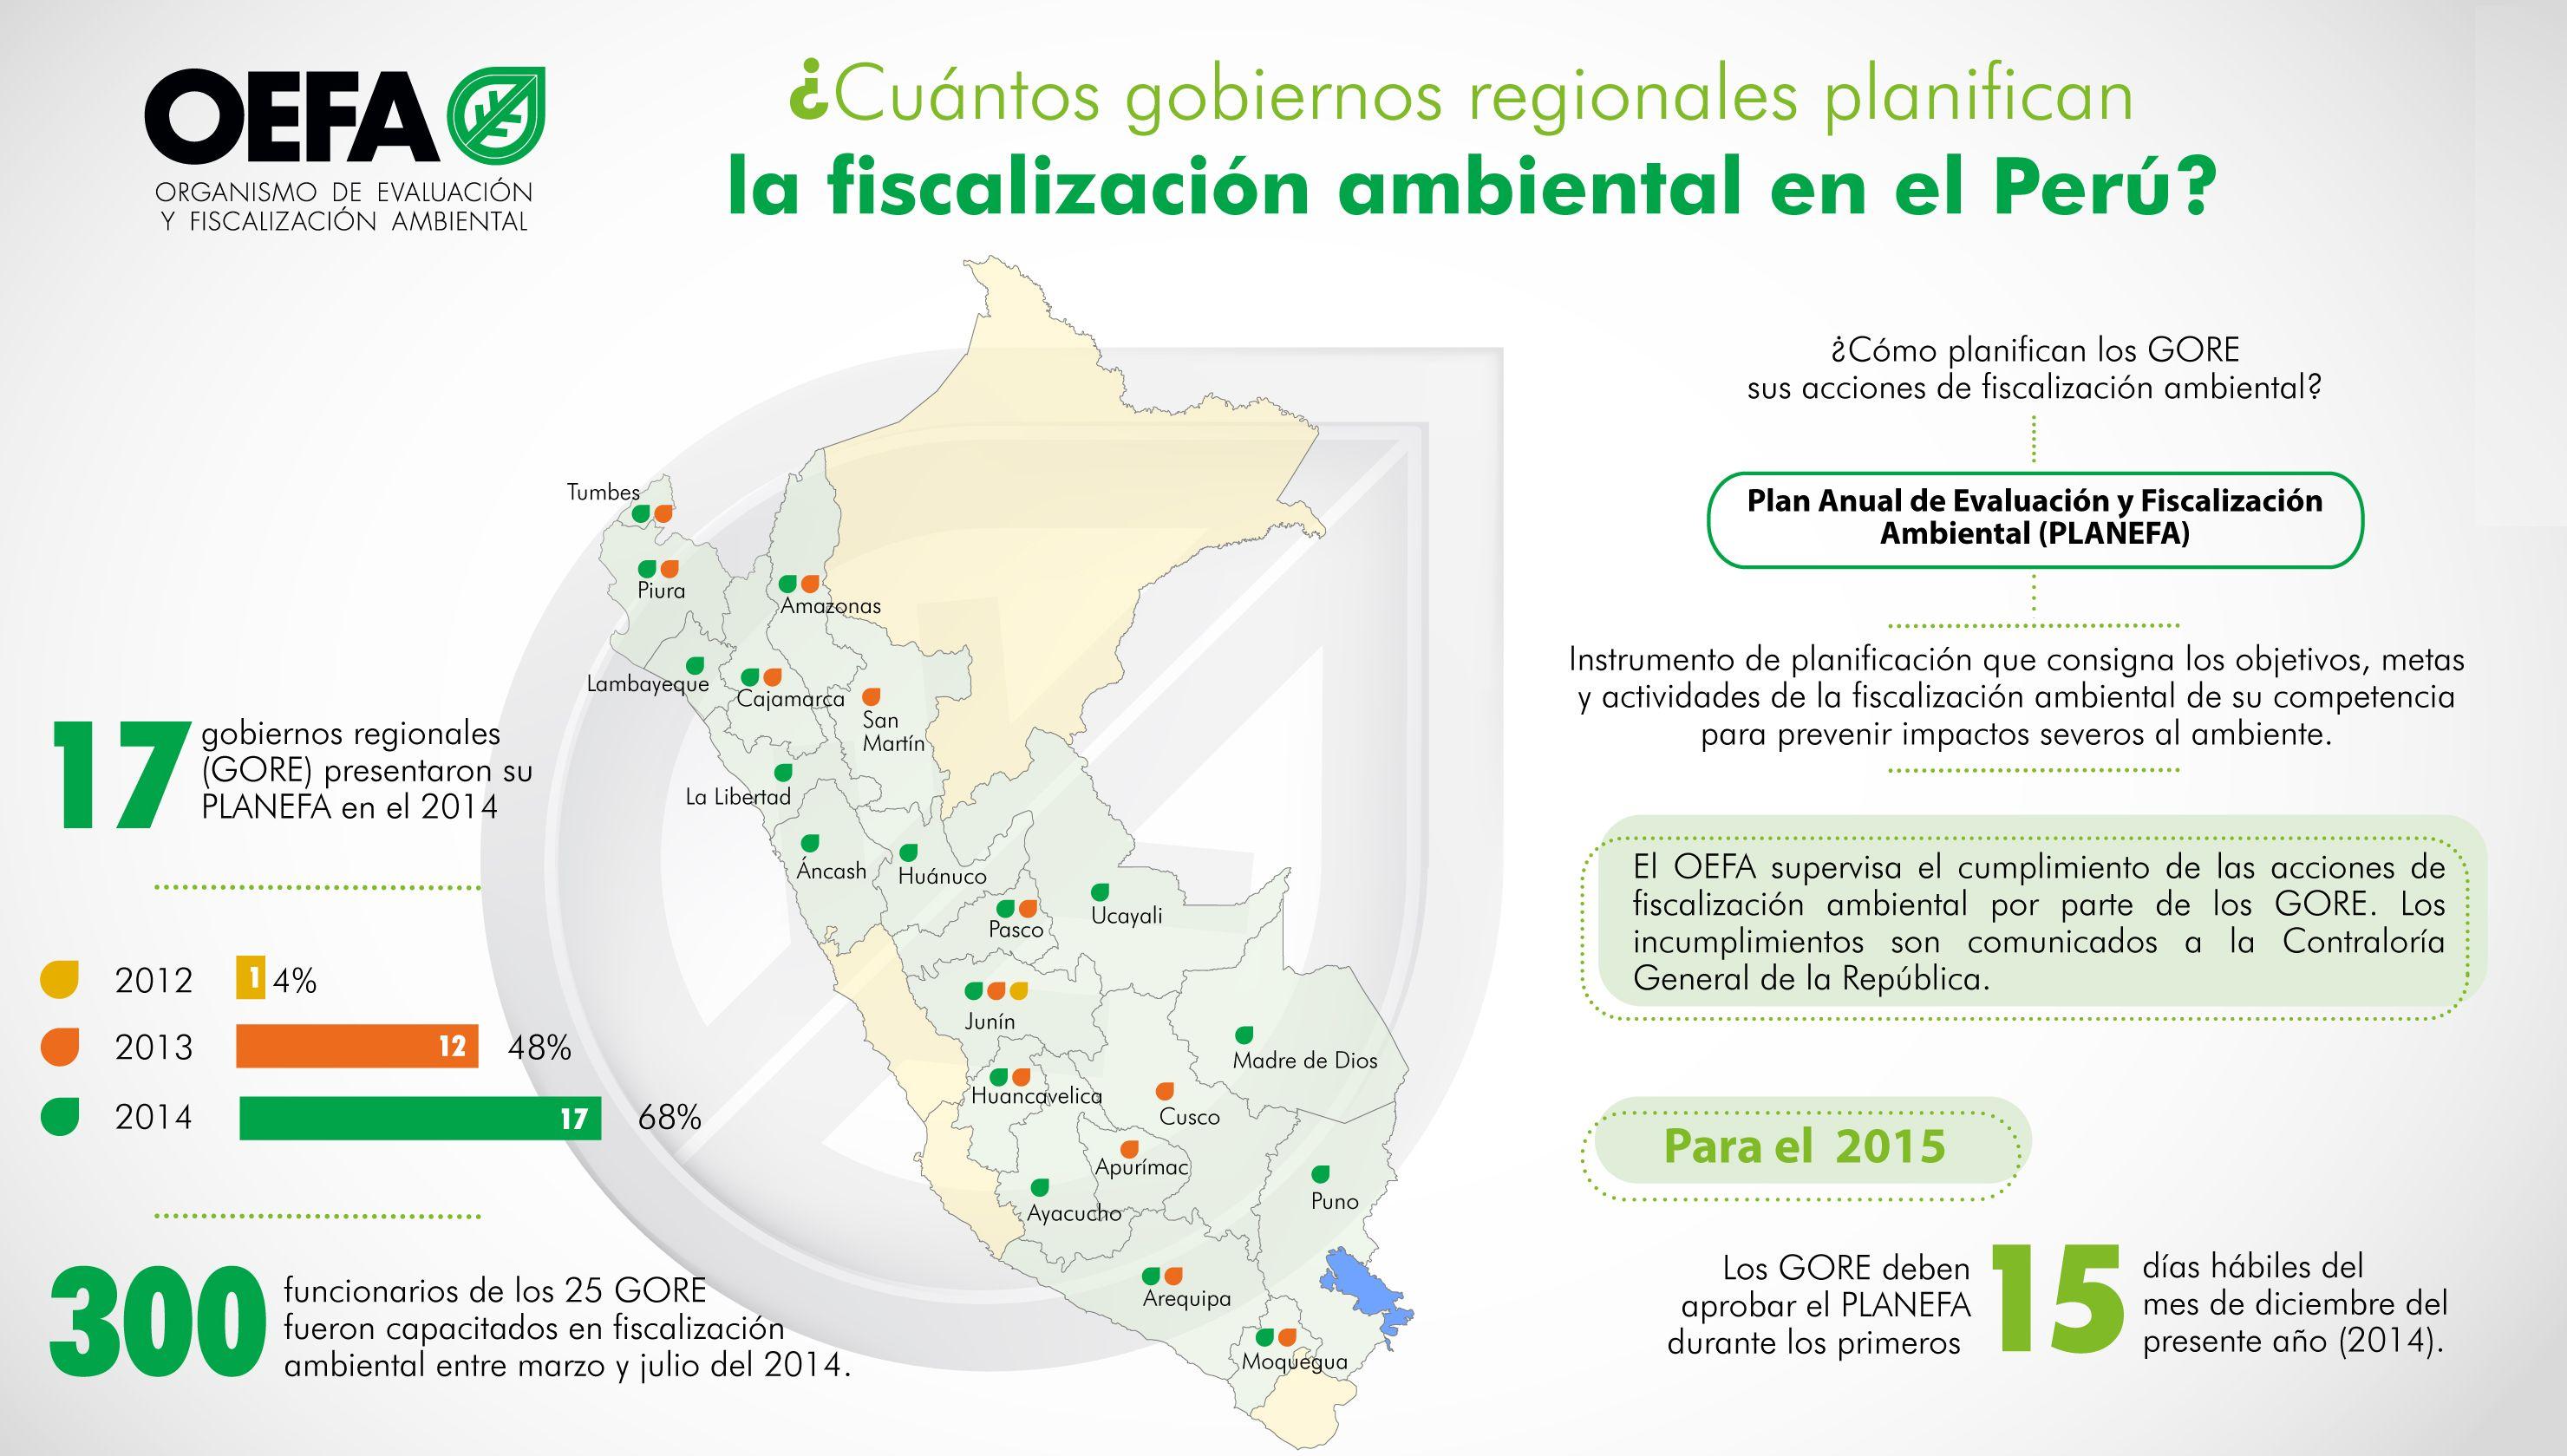 Oefa: Solo 17 gobiernos regionales planifican acciones de fiscalización ambiental